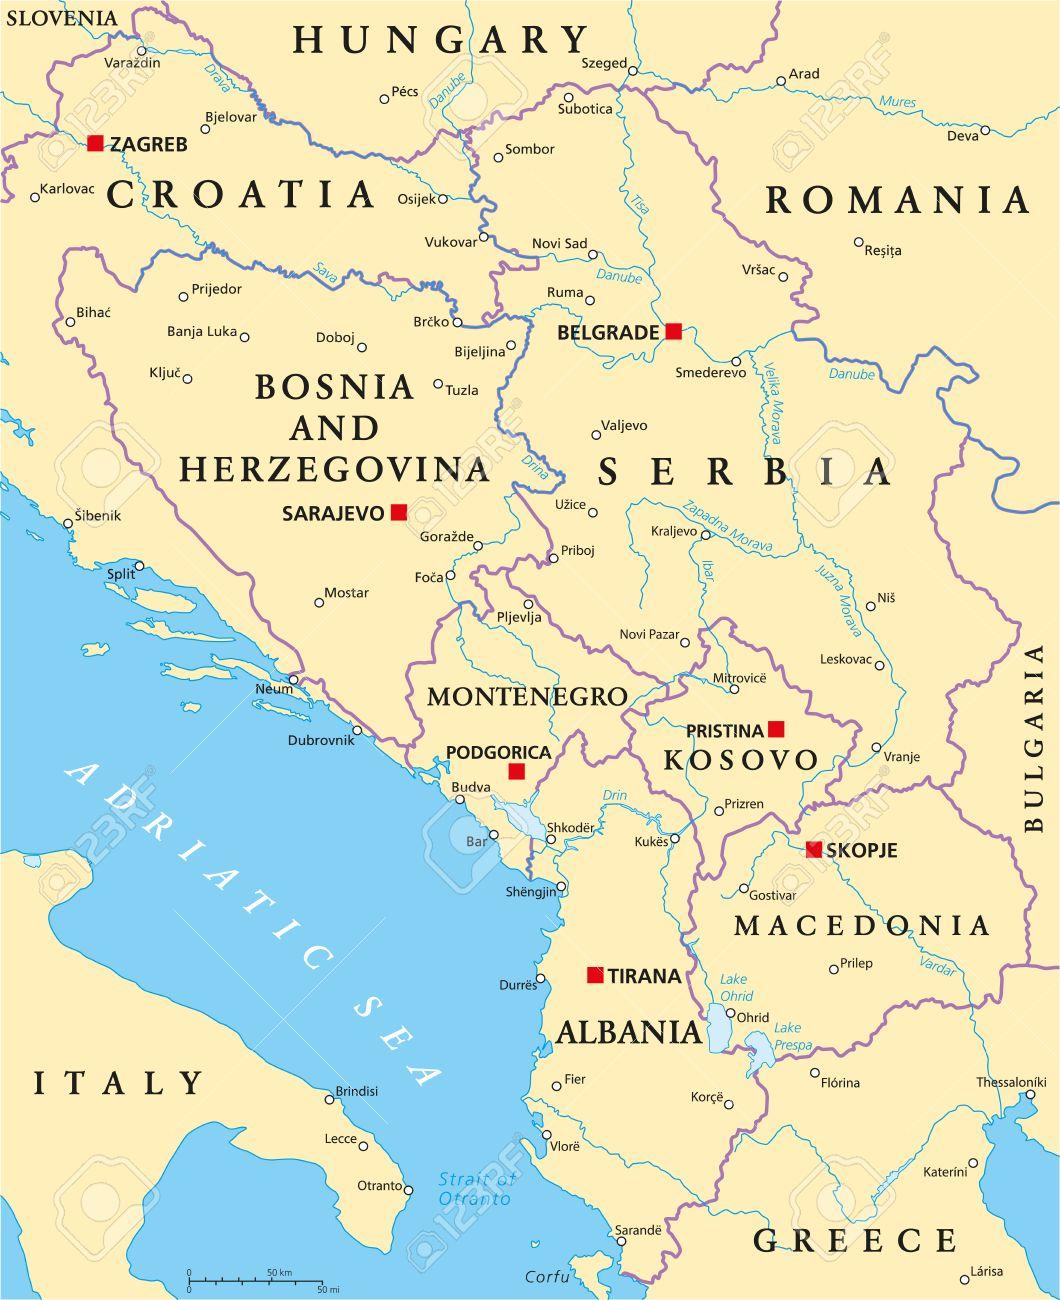 Centraal Balkan Politieke Kaart Gevormd Door Bosnie En Herzegovina